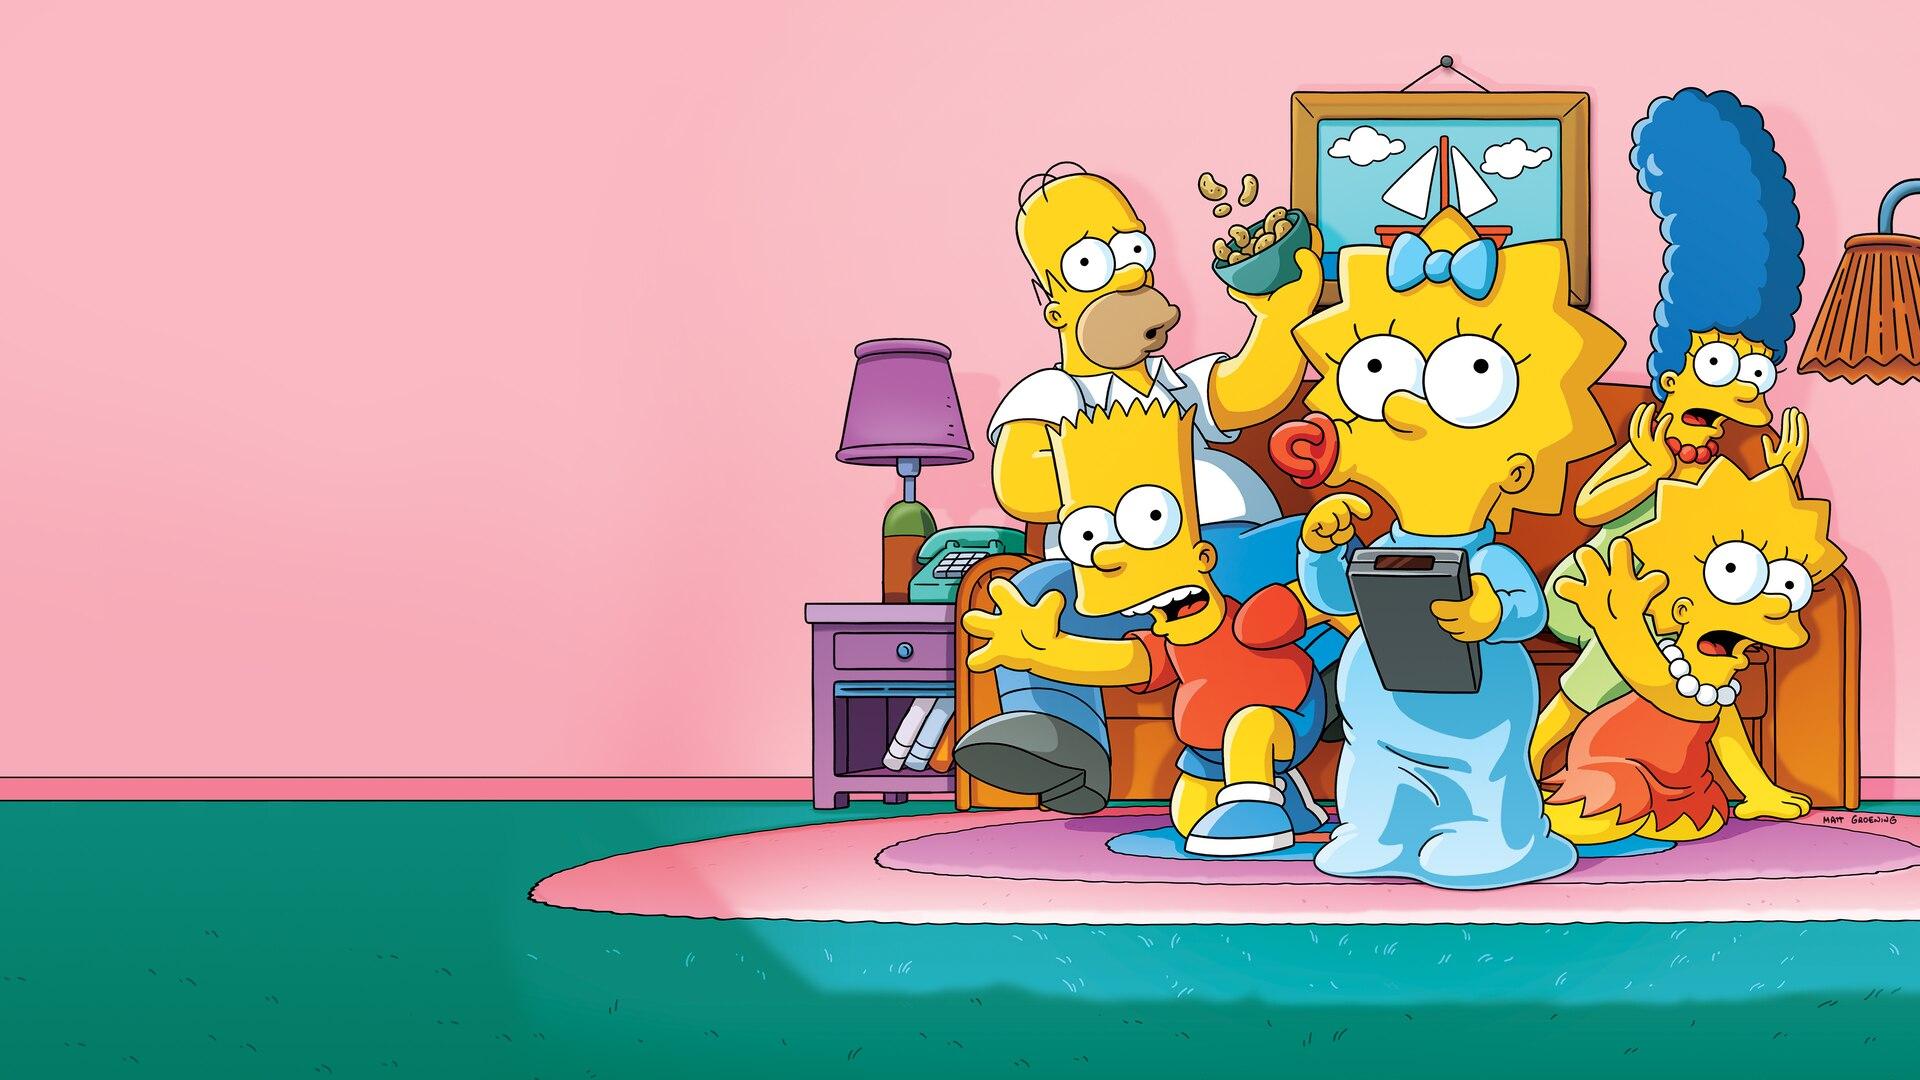 سریال سیمپسونها احتمالا بعد از ۳۲ فصل به پایان خواهد رسید